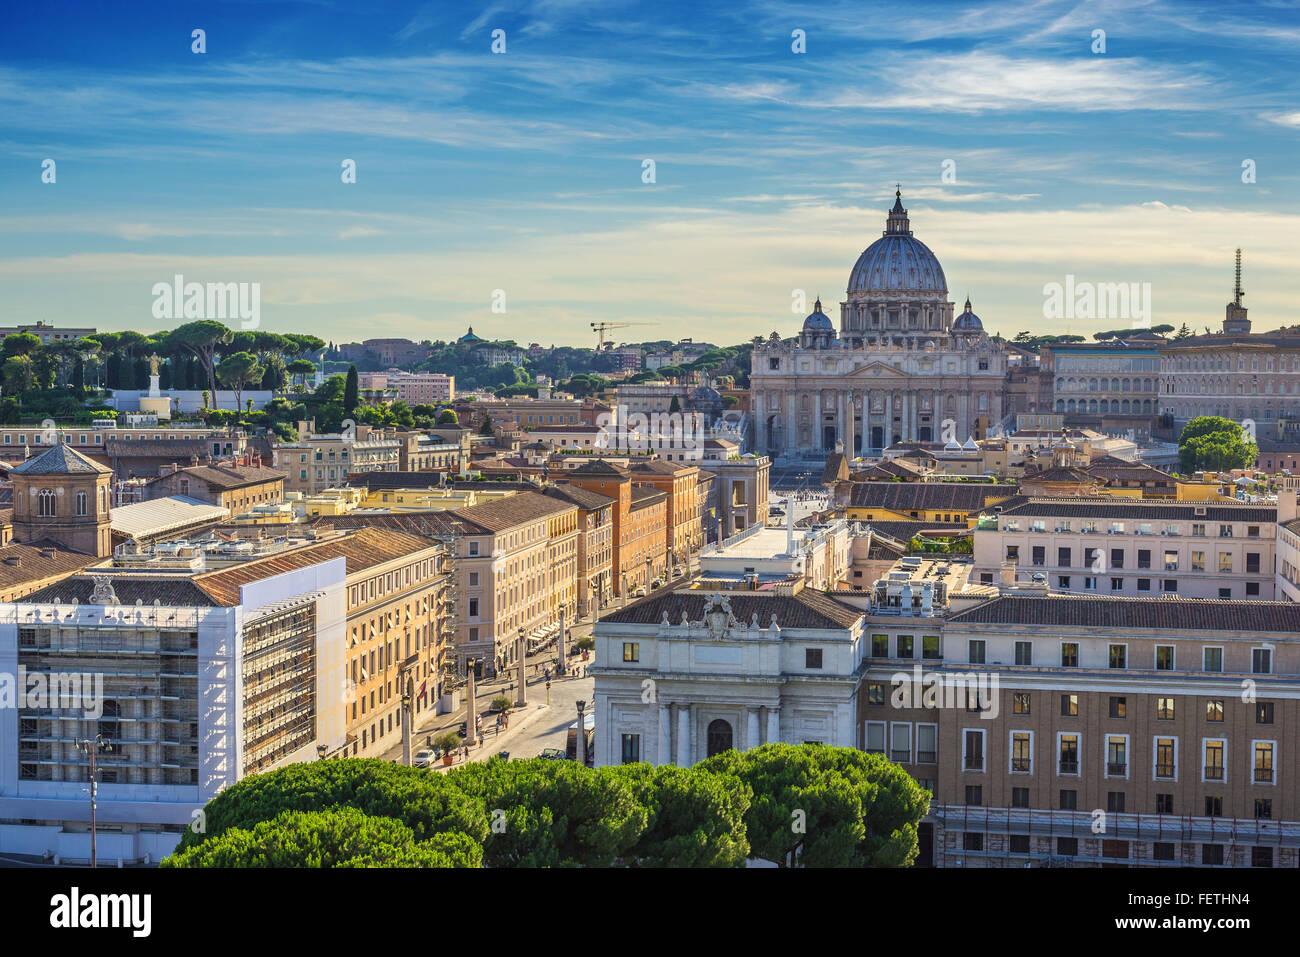 Rom Stadt Skyline bei Sonnenuntergang, Rom, Italien Stockbild